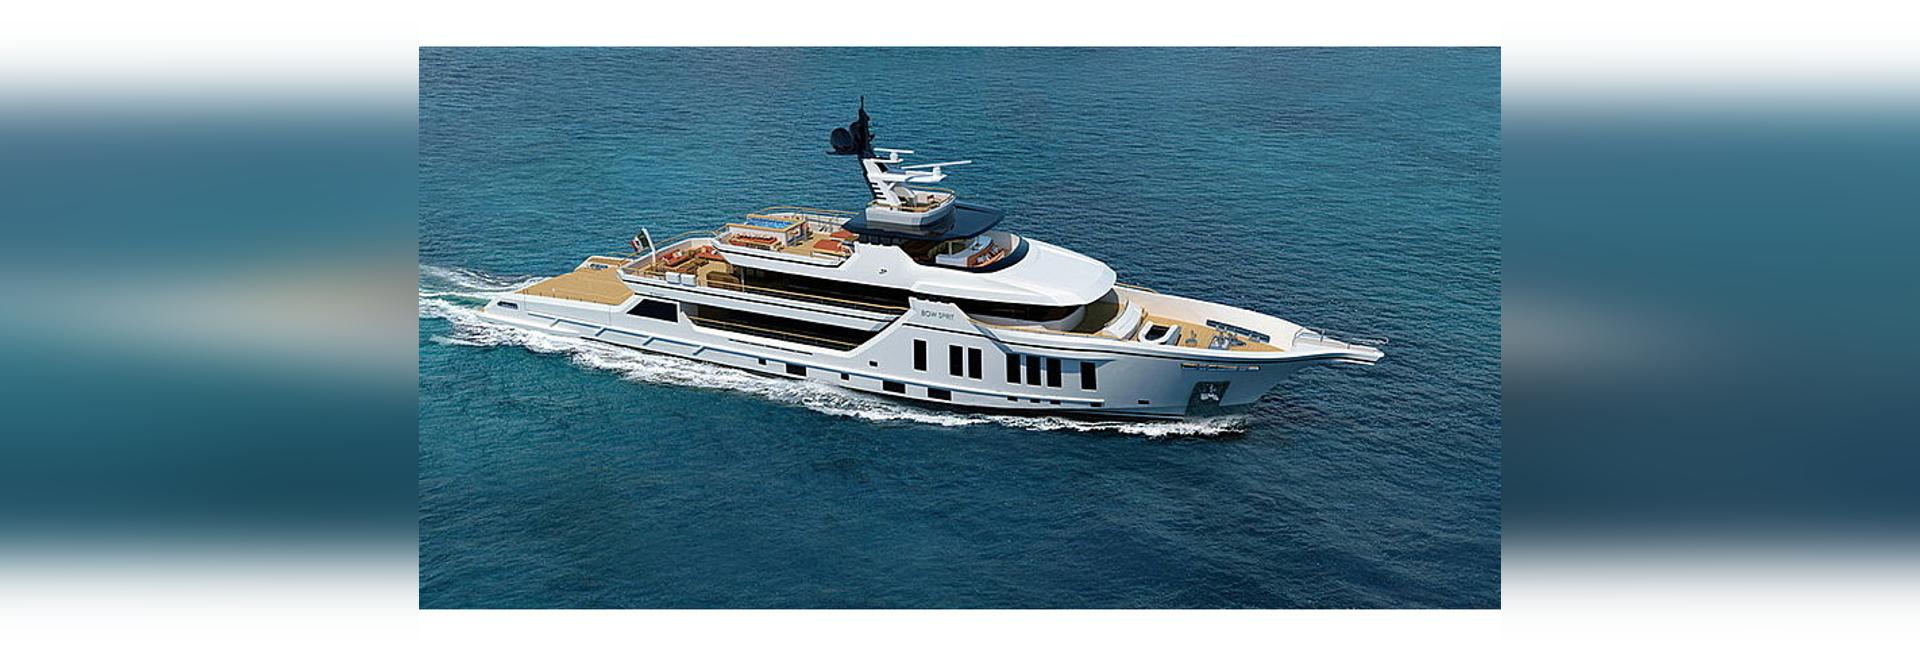 Vittoria Yachts va construire un bateau d'exploration de 54 m Projet Bowsprit